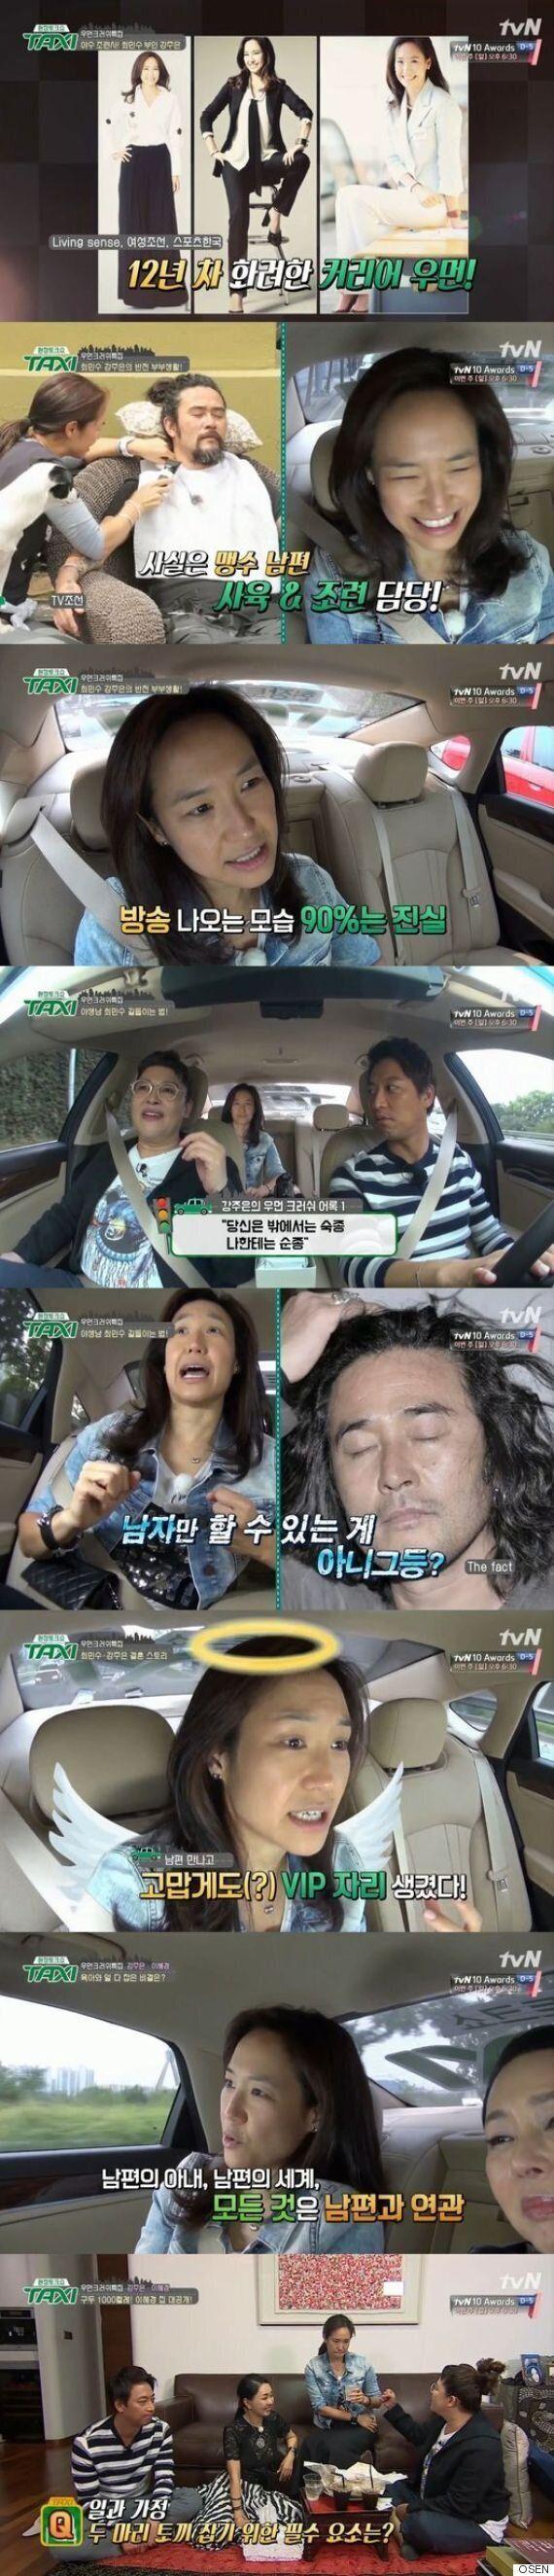 [어저께TV] '택시' 강주은, 하늘나라 VIP의 야수